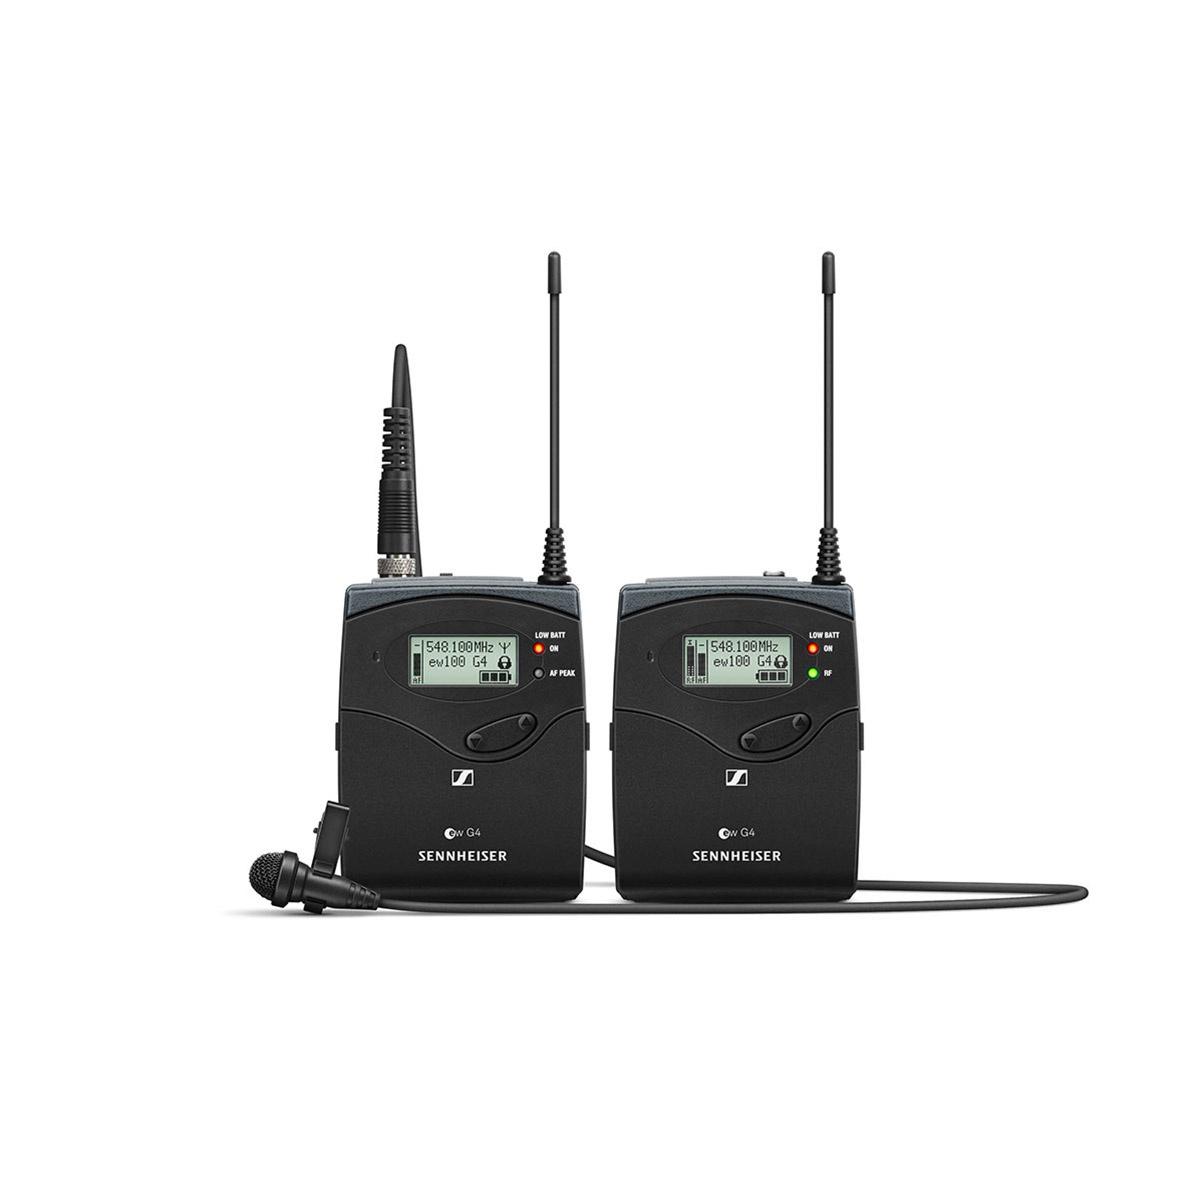 Sennheiser ew 122P G4 (470 - 516 MHz) bezdrôtový mikrofónny set s klopovým mikrofónom